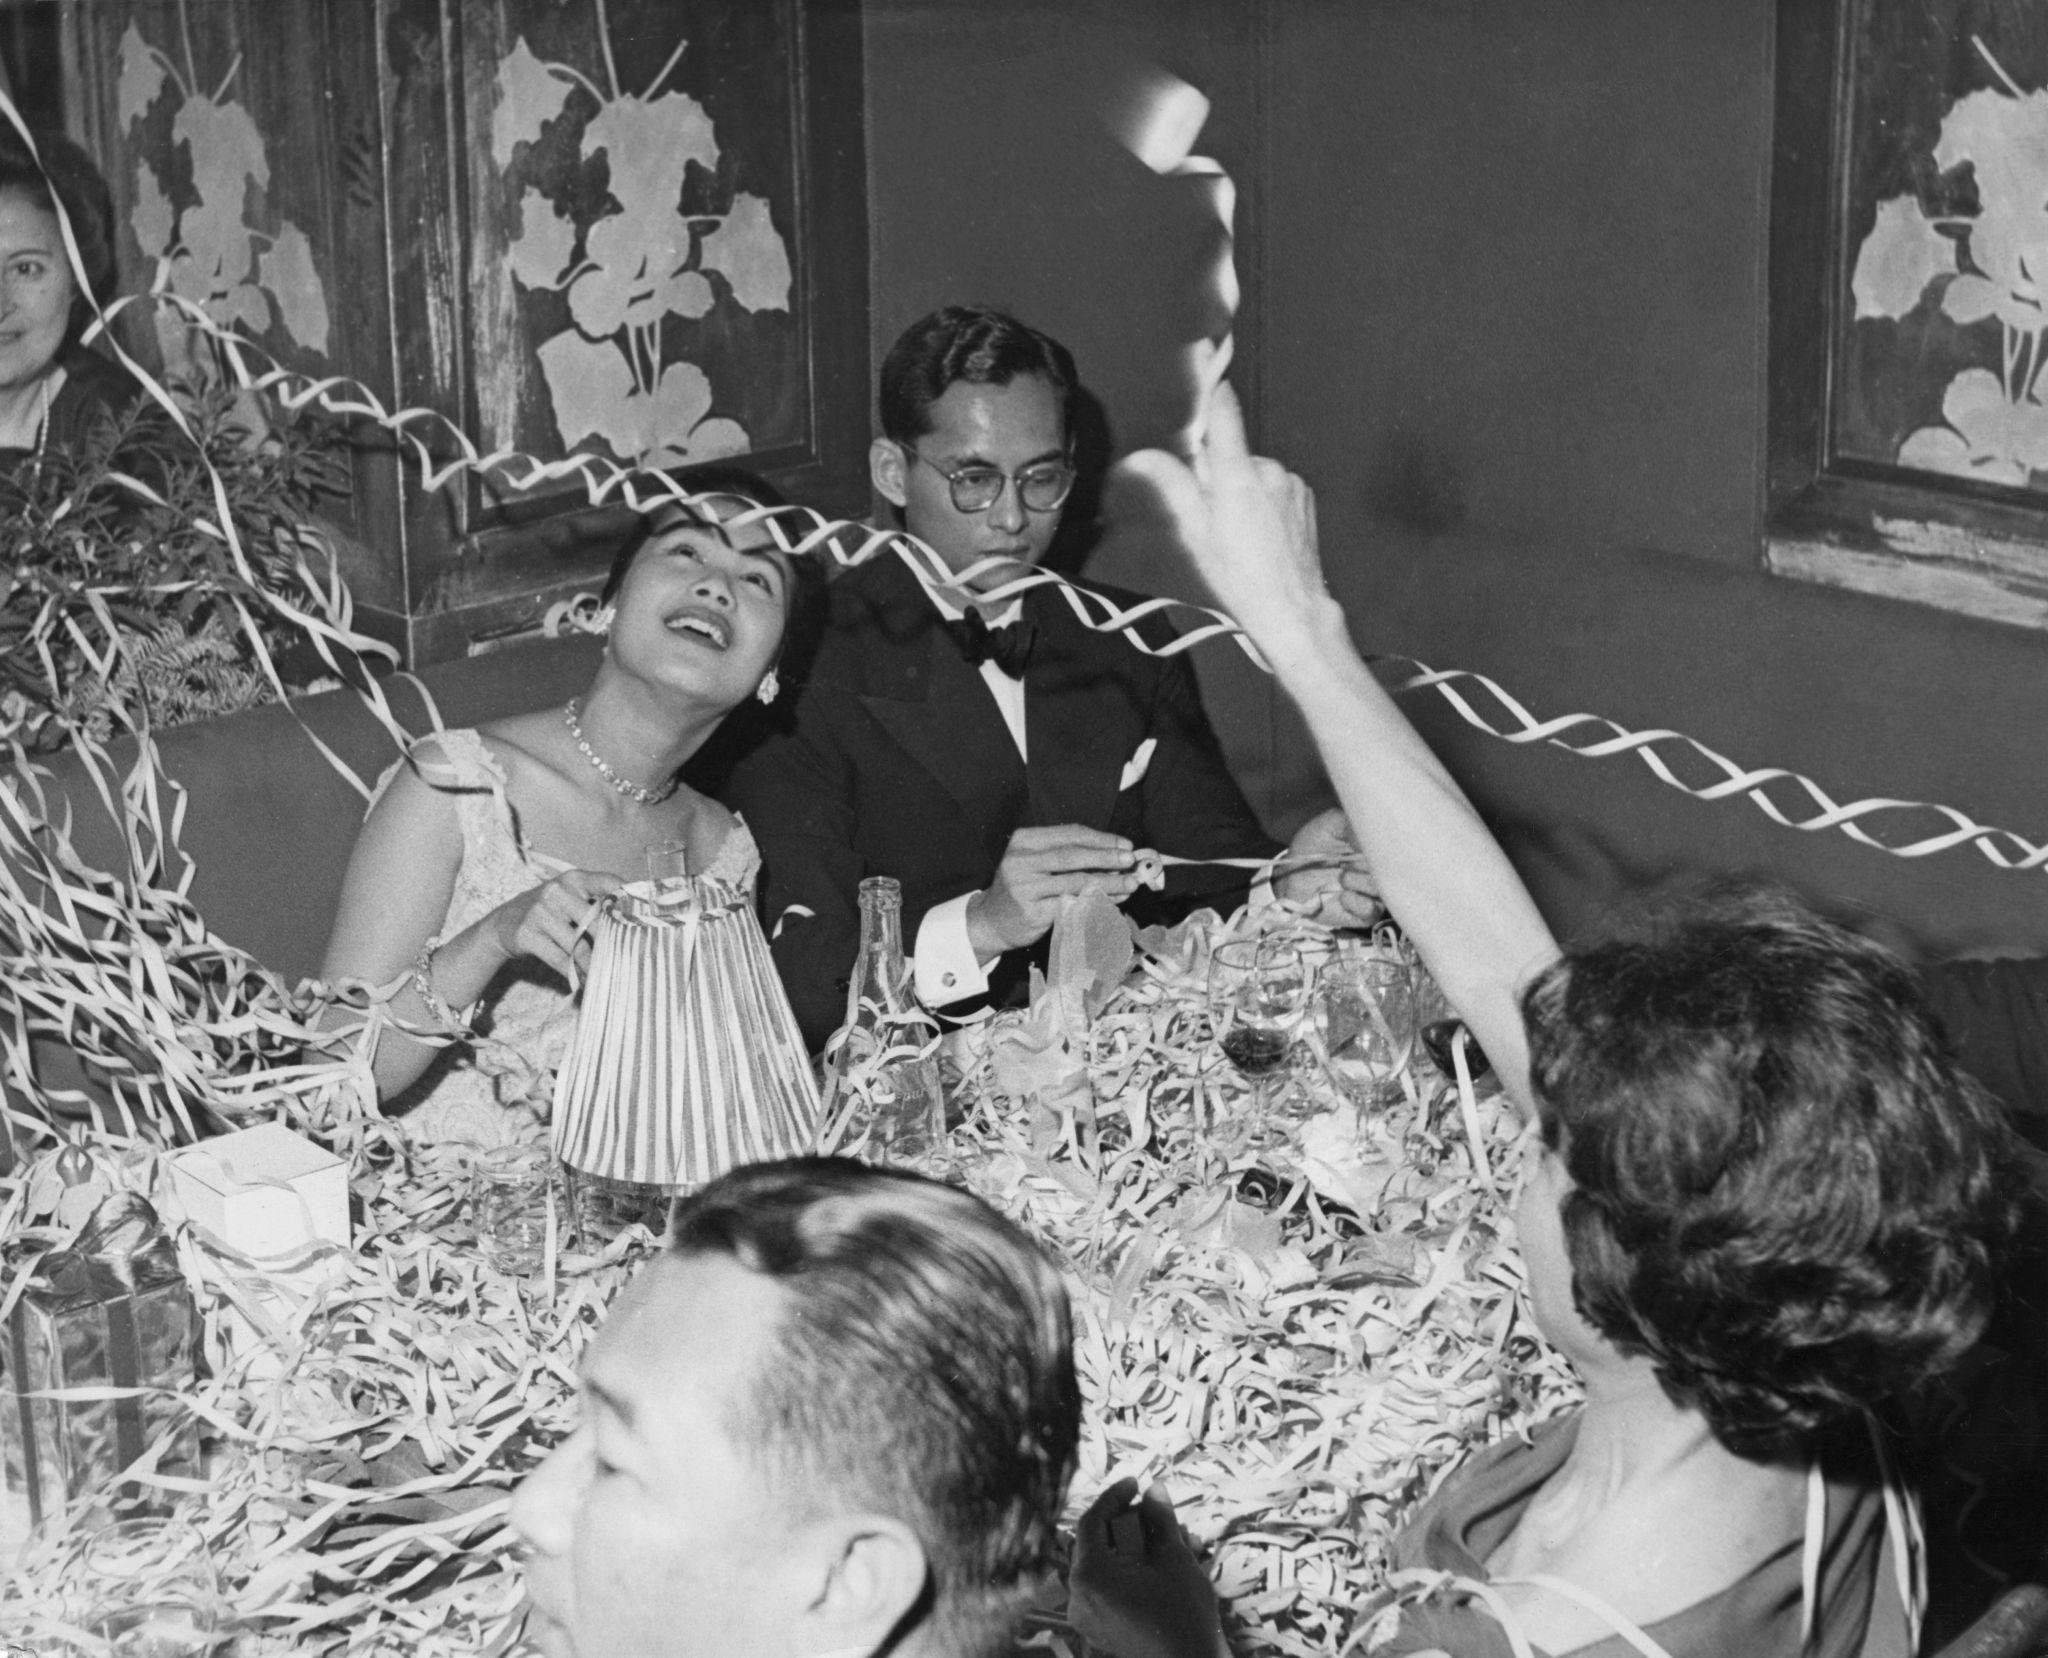 1961. Король Таиланда Пхумипон Адульядет и королева Сирикит празднуют Новый год в отеле Palace в Гштааде, Швейцария, где они отдыхают со своими детьми…